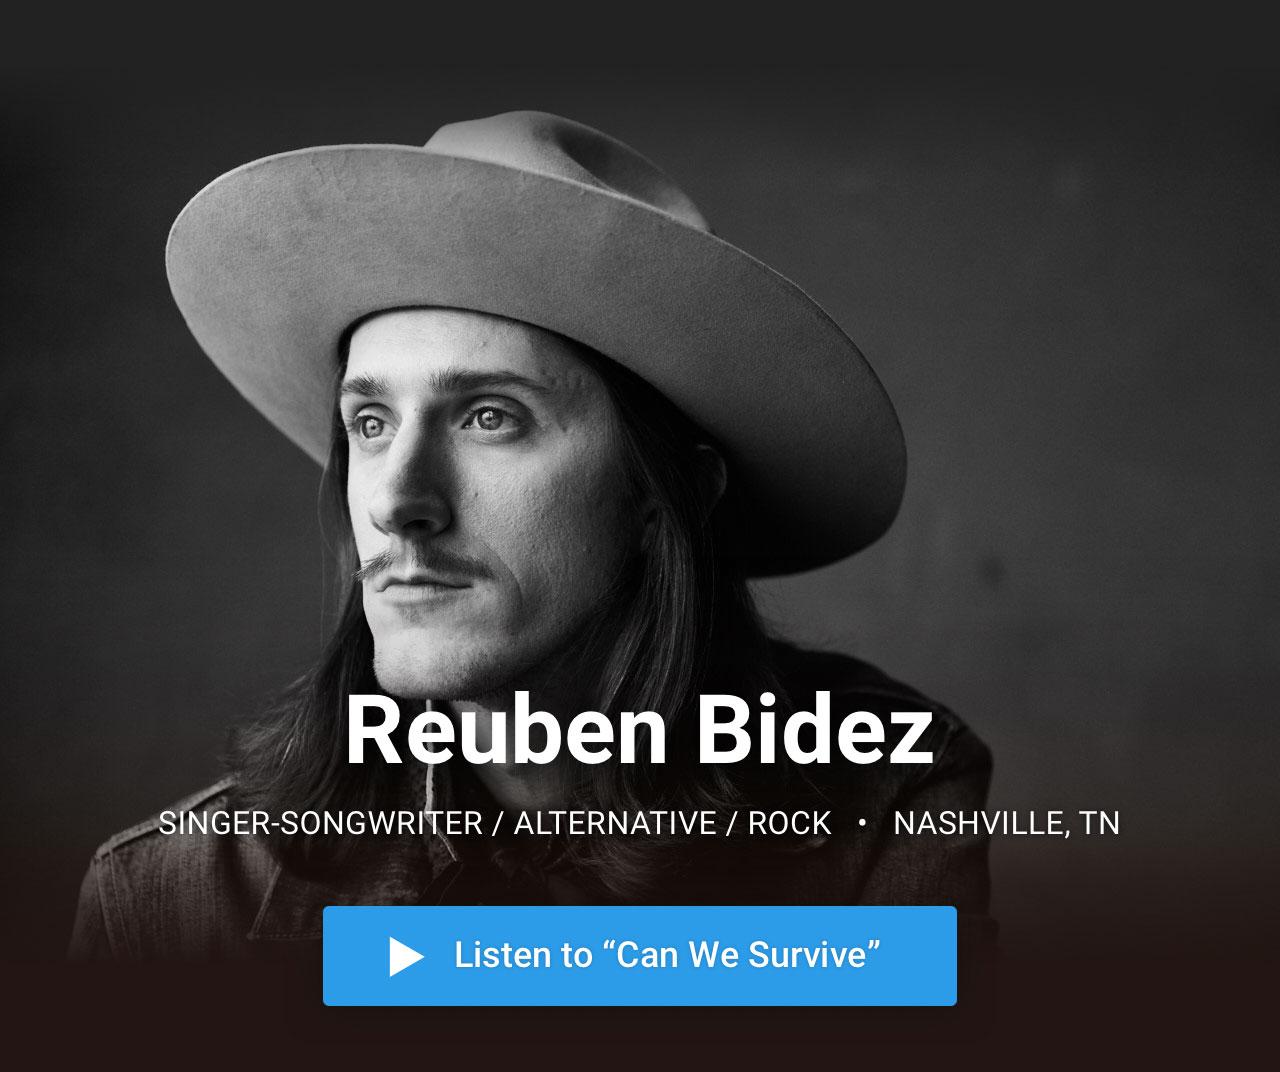 Reuben Bidez —  Singer-Songwriter / Alternative / Rock · Nashville, TN